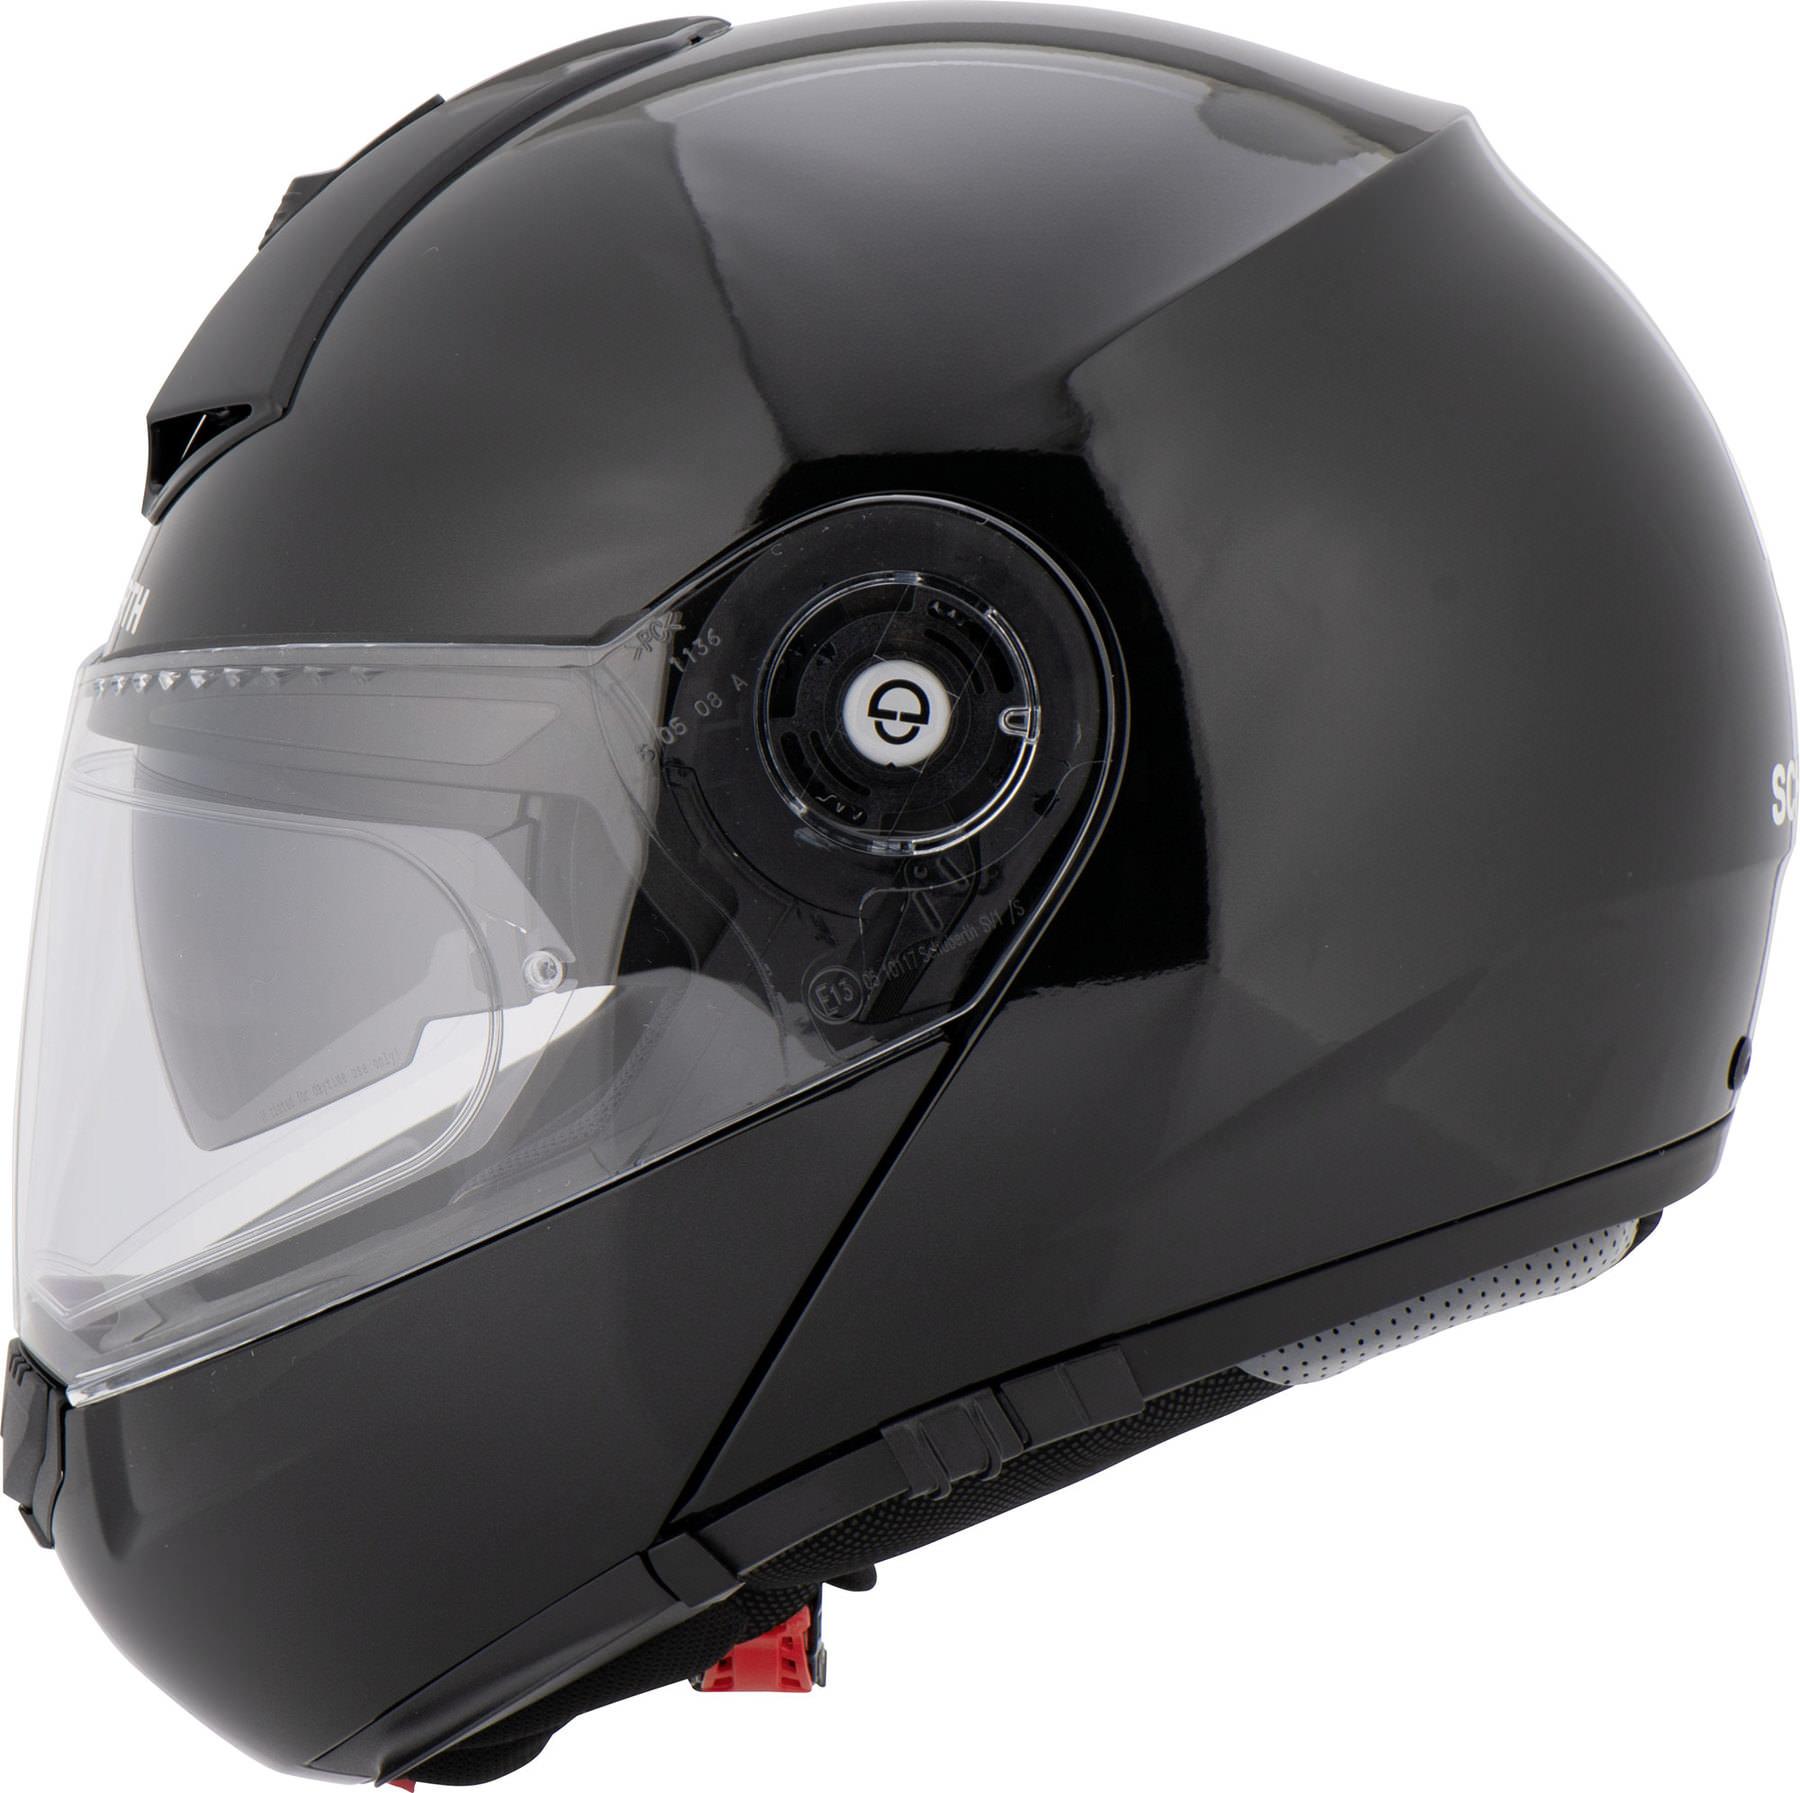 Schuberth Wind Deflector for C3 Schuberth Helmet Accessories Flip-Up Helmet